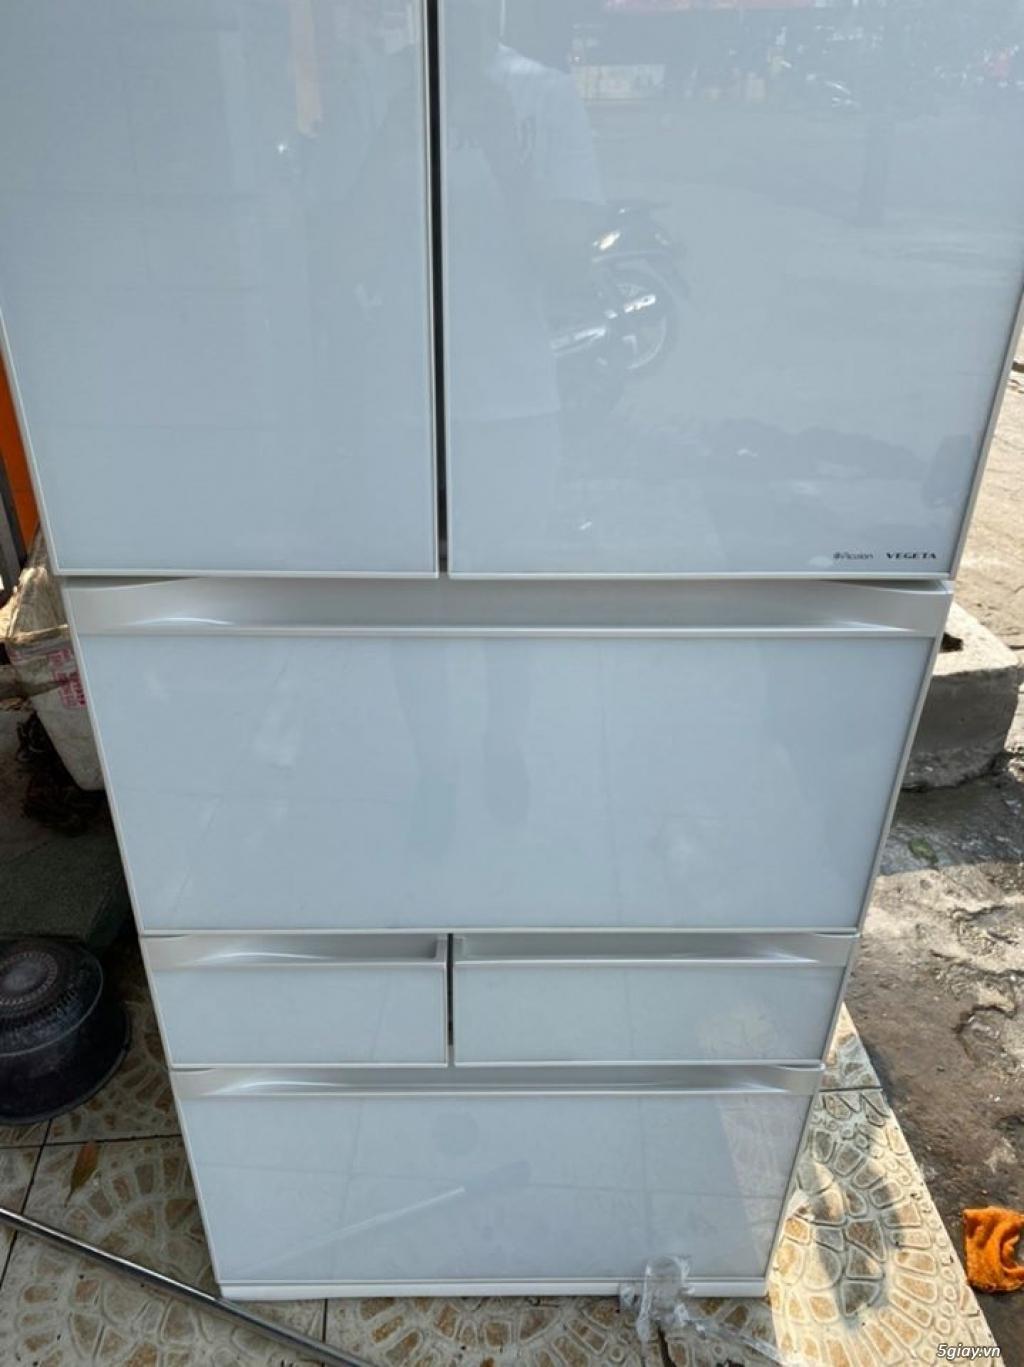 Tủ lạnh TOSHIBA GR - G51FXV (ZW) 510L date 2013, màu trắng - 1